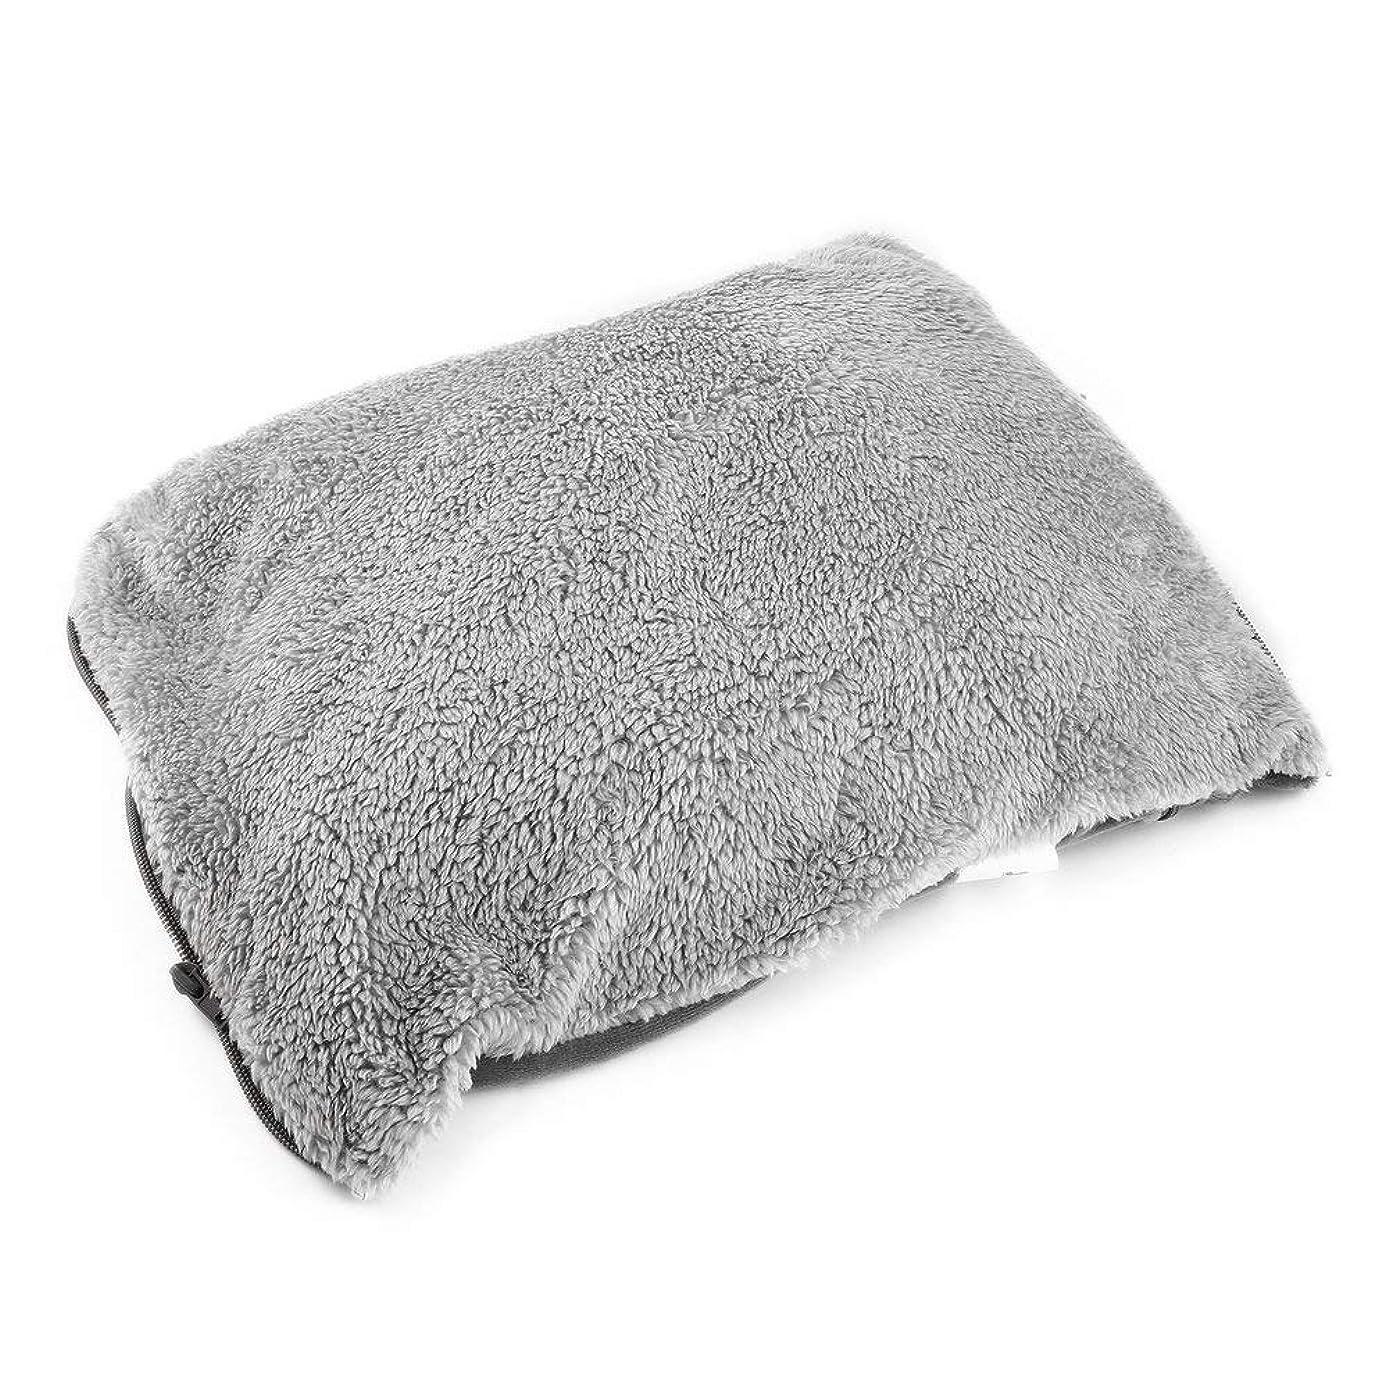 ギネス昼寝委員会シンプルなデザインのUSB充電冬のハンドウォーマー実用的な快適な柔らかい電気暖房暖かいパッドクッション最高の贈り物 - グレー